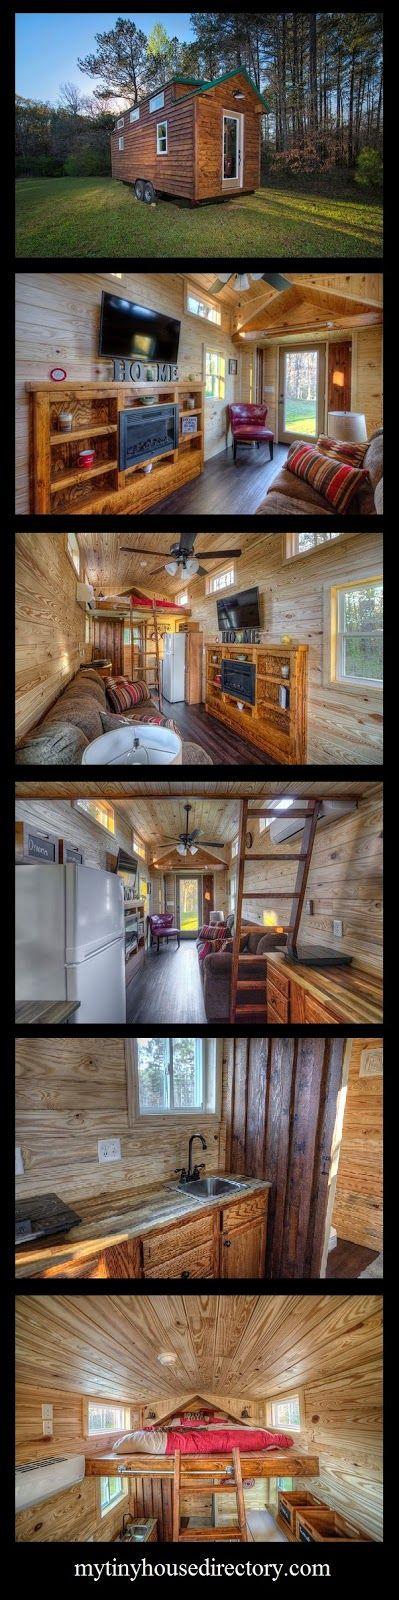 mytinyhousedirectory: The Dreamer Tiny Home